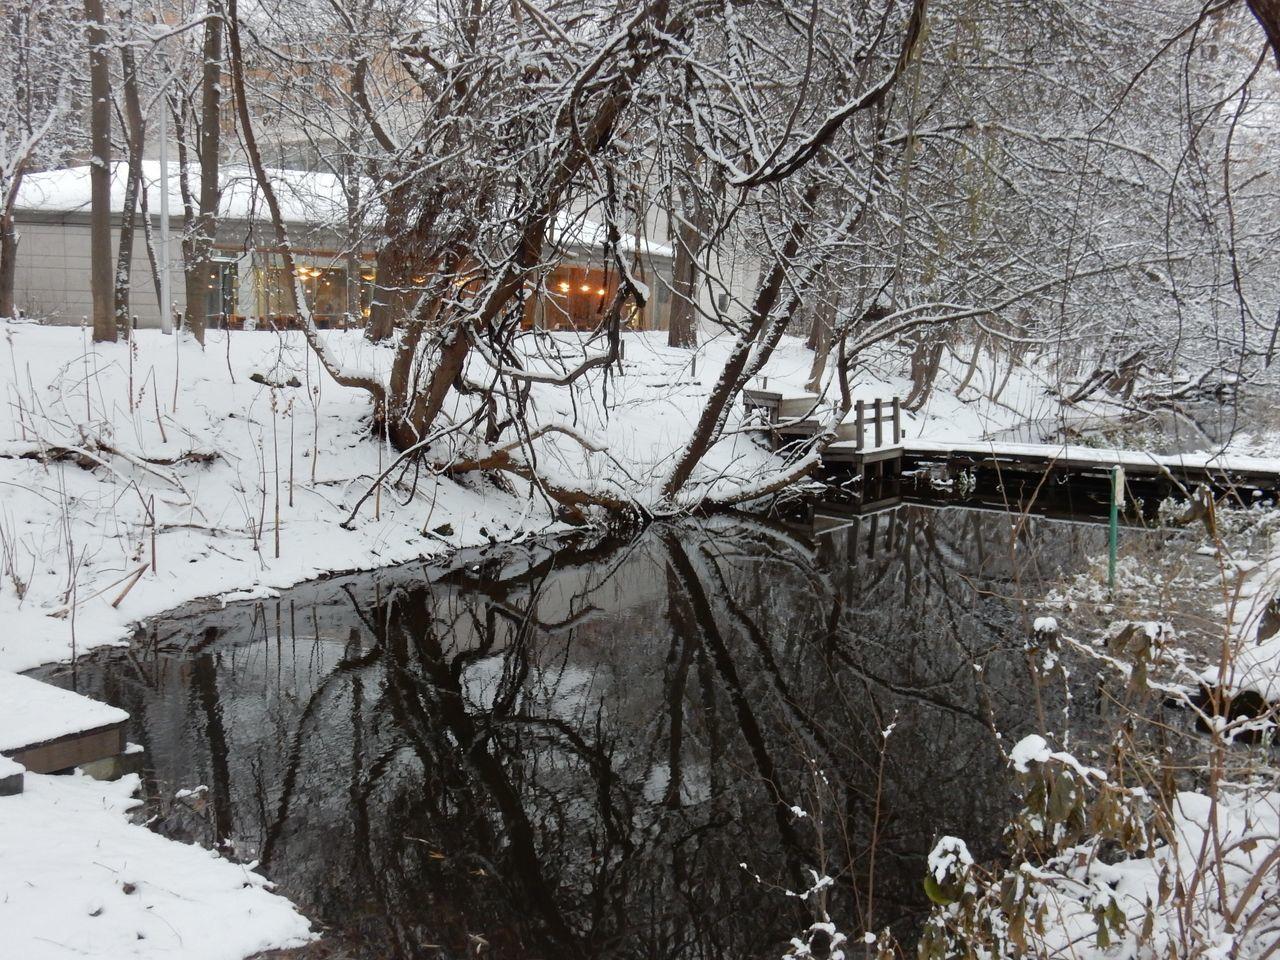 冬景色のキャンパス_c0025115_21441374.jpg